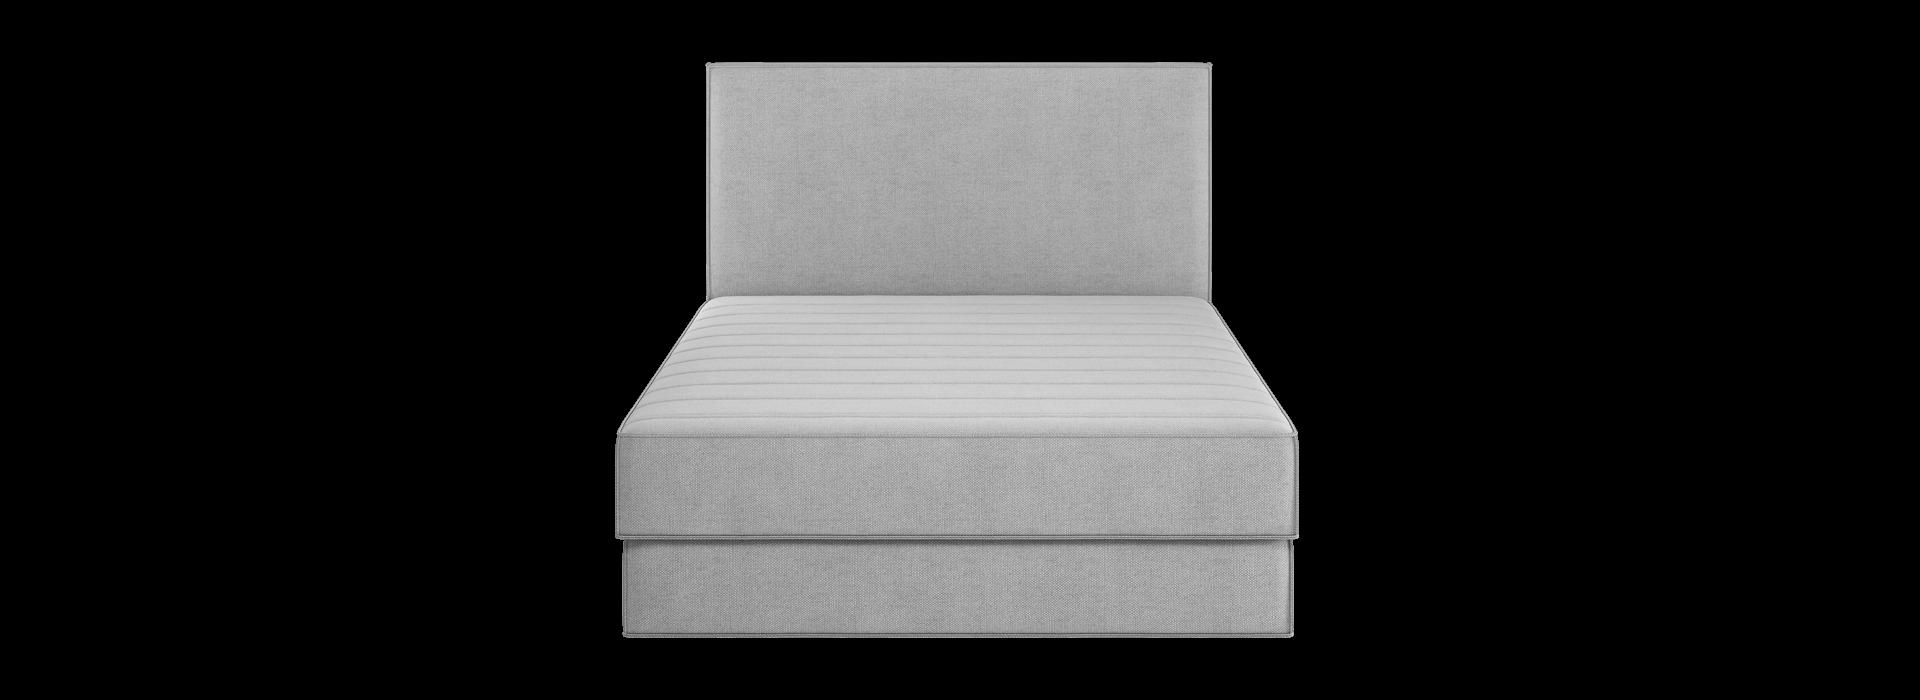 Ліна 1.4 ліжко з підйомником - маска 7